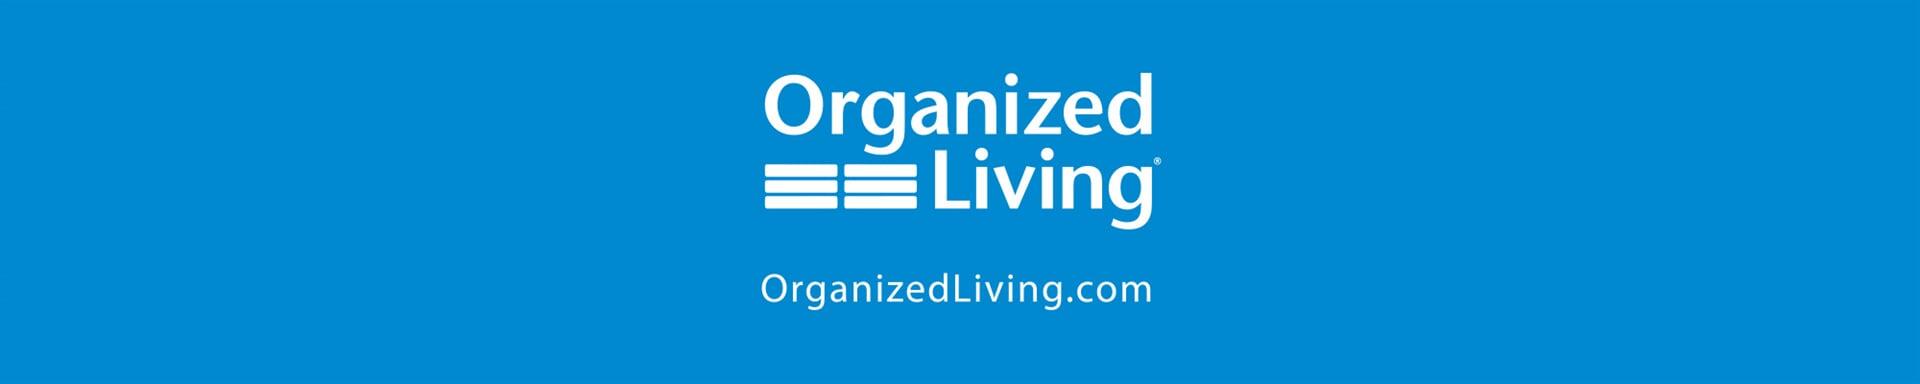 Organized-Living-Banner